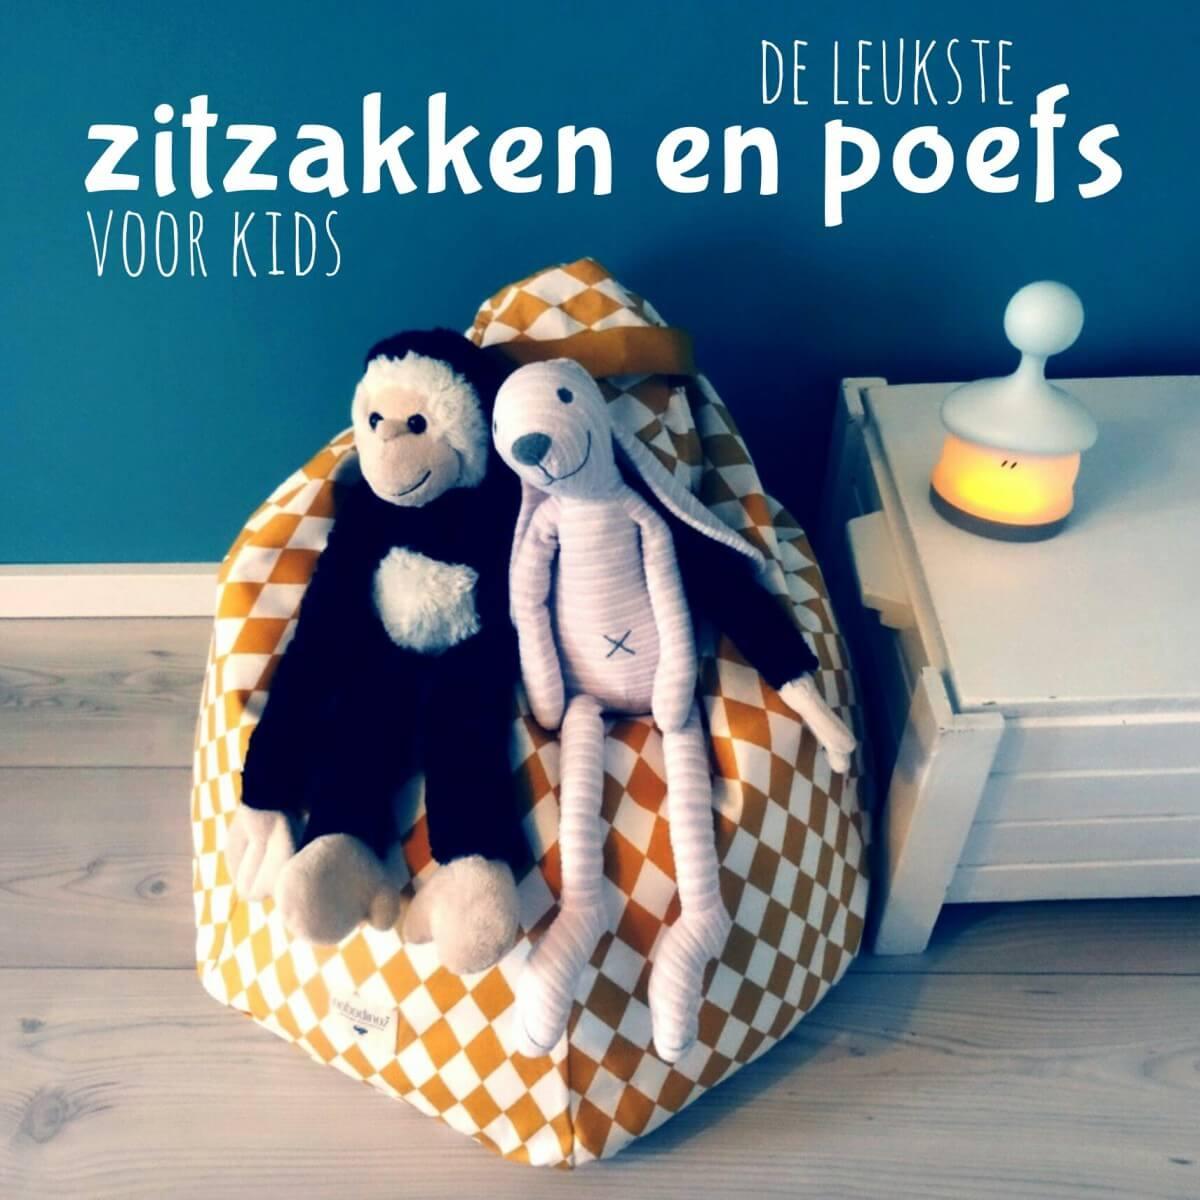 Voor jou gespot: de allerleukste zitzakken en poefs voor kinderen